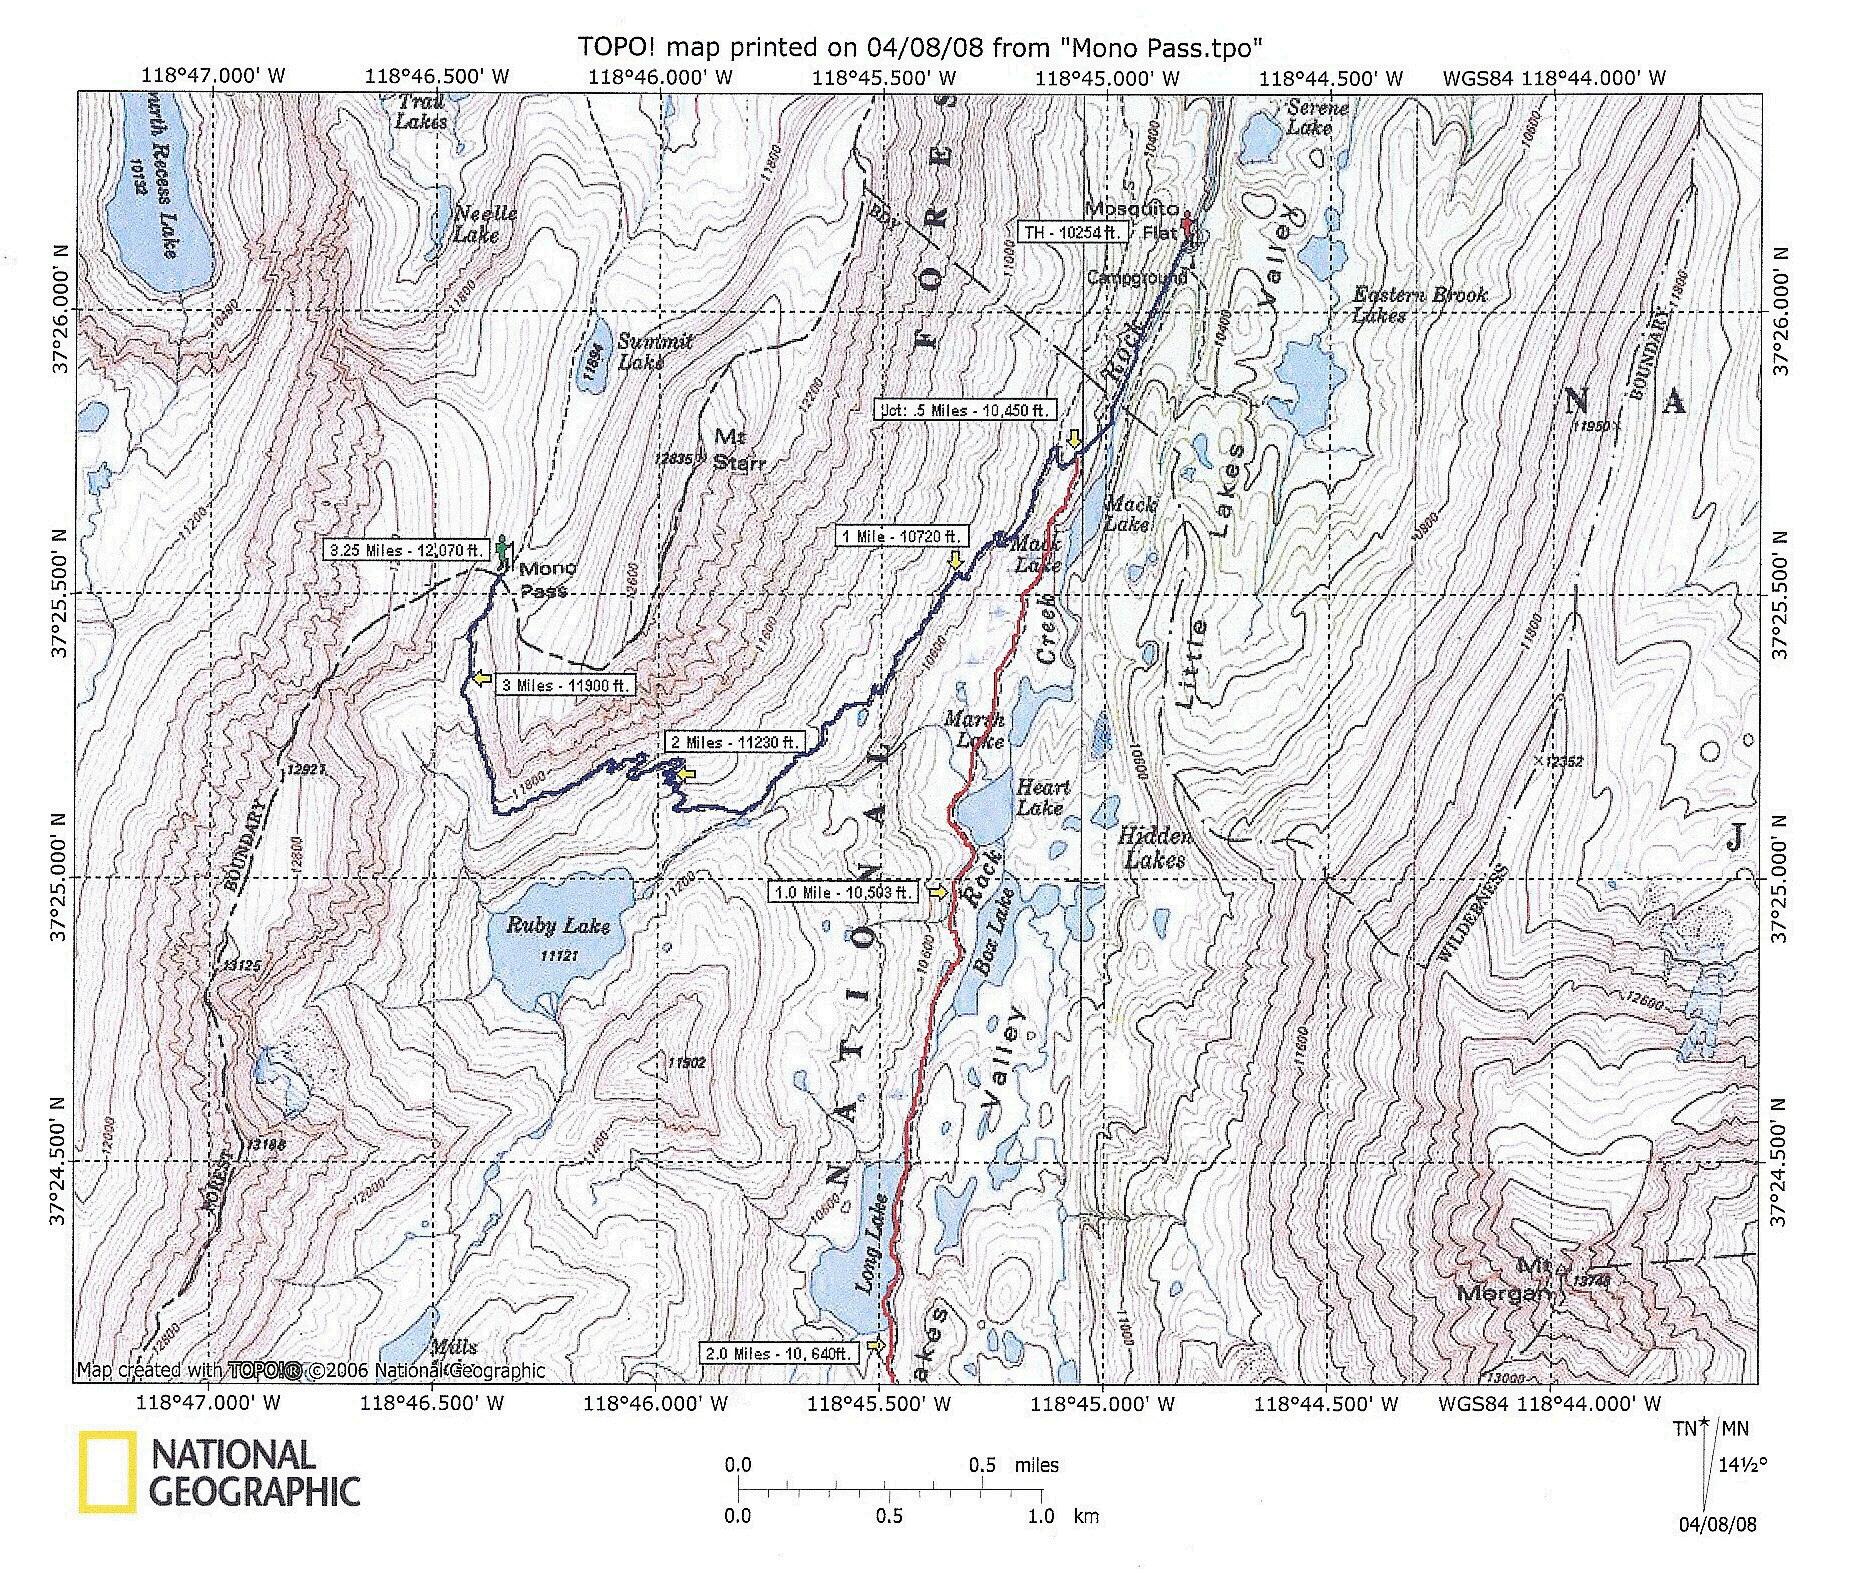 Rock Creek Lake Mono Pass Trail - Print topo maps